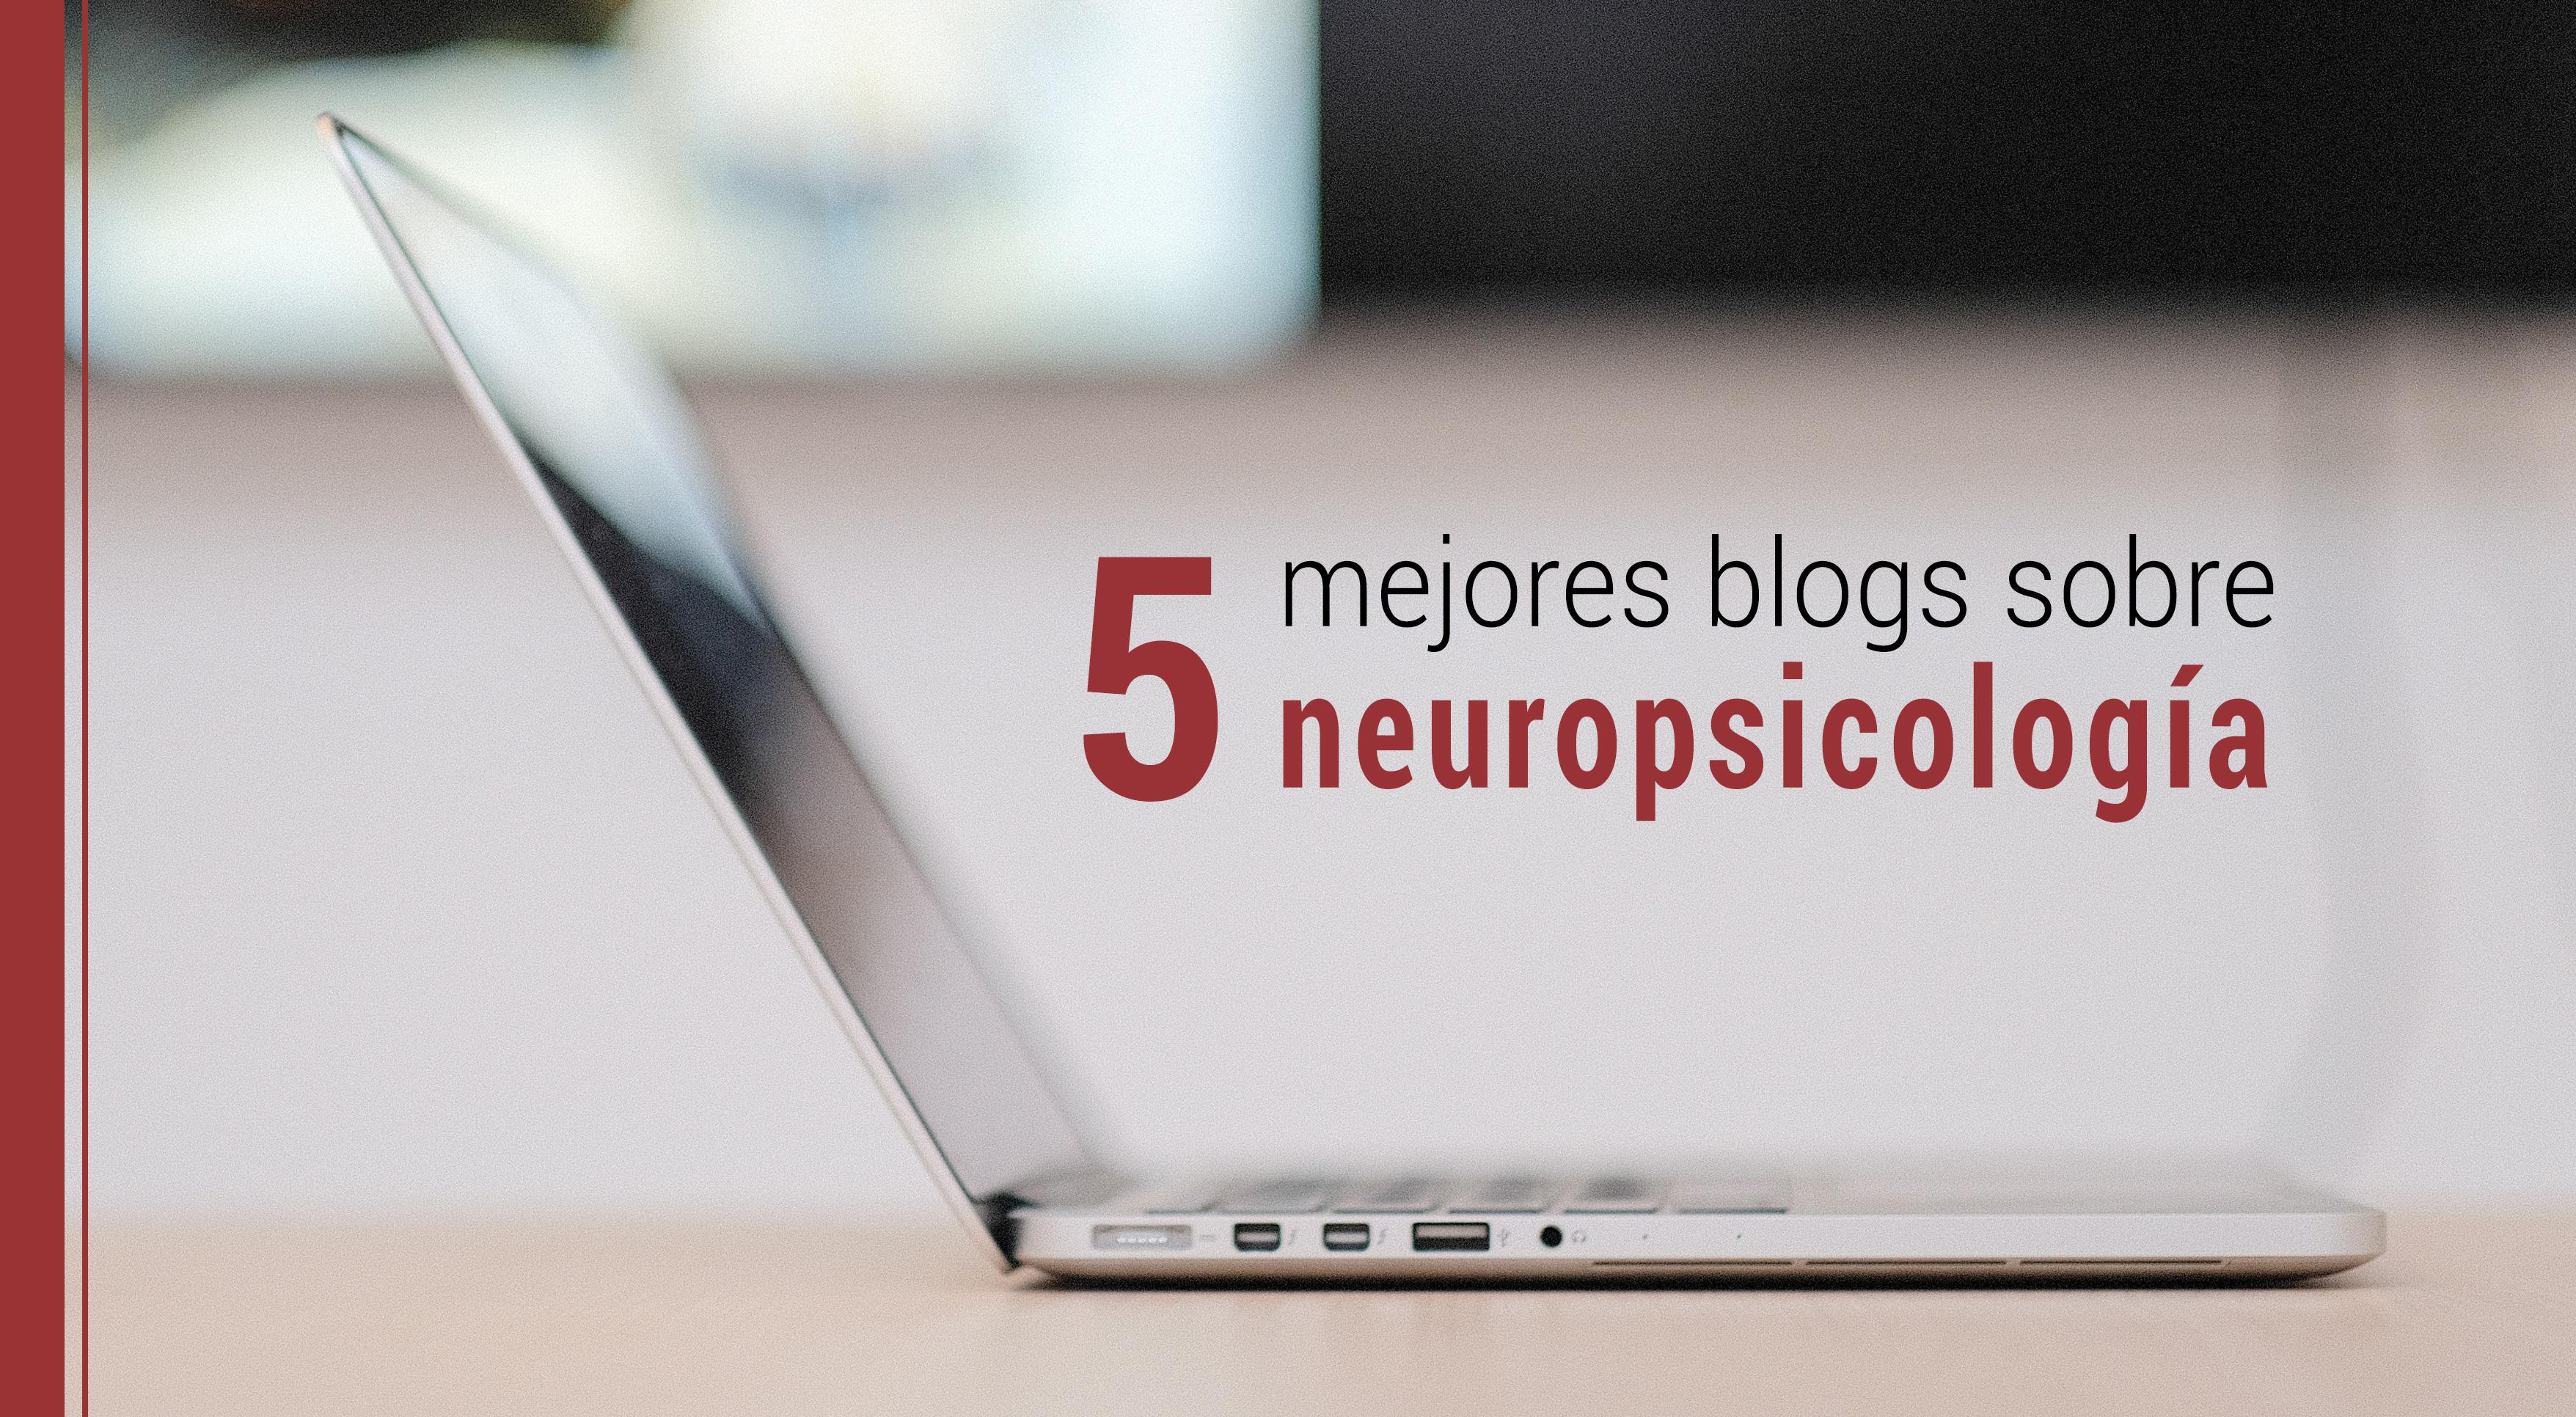 blogs sobre neuropsicologia